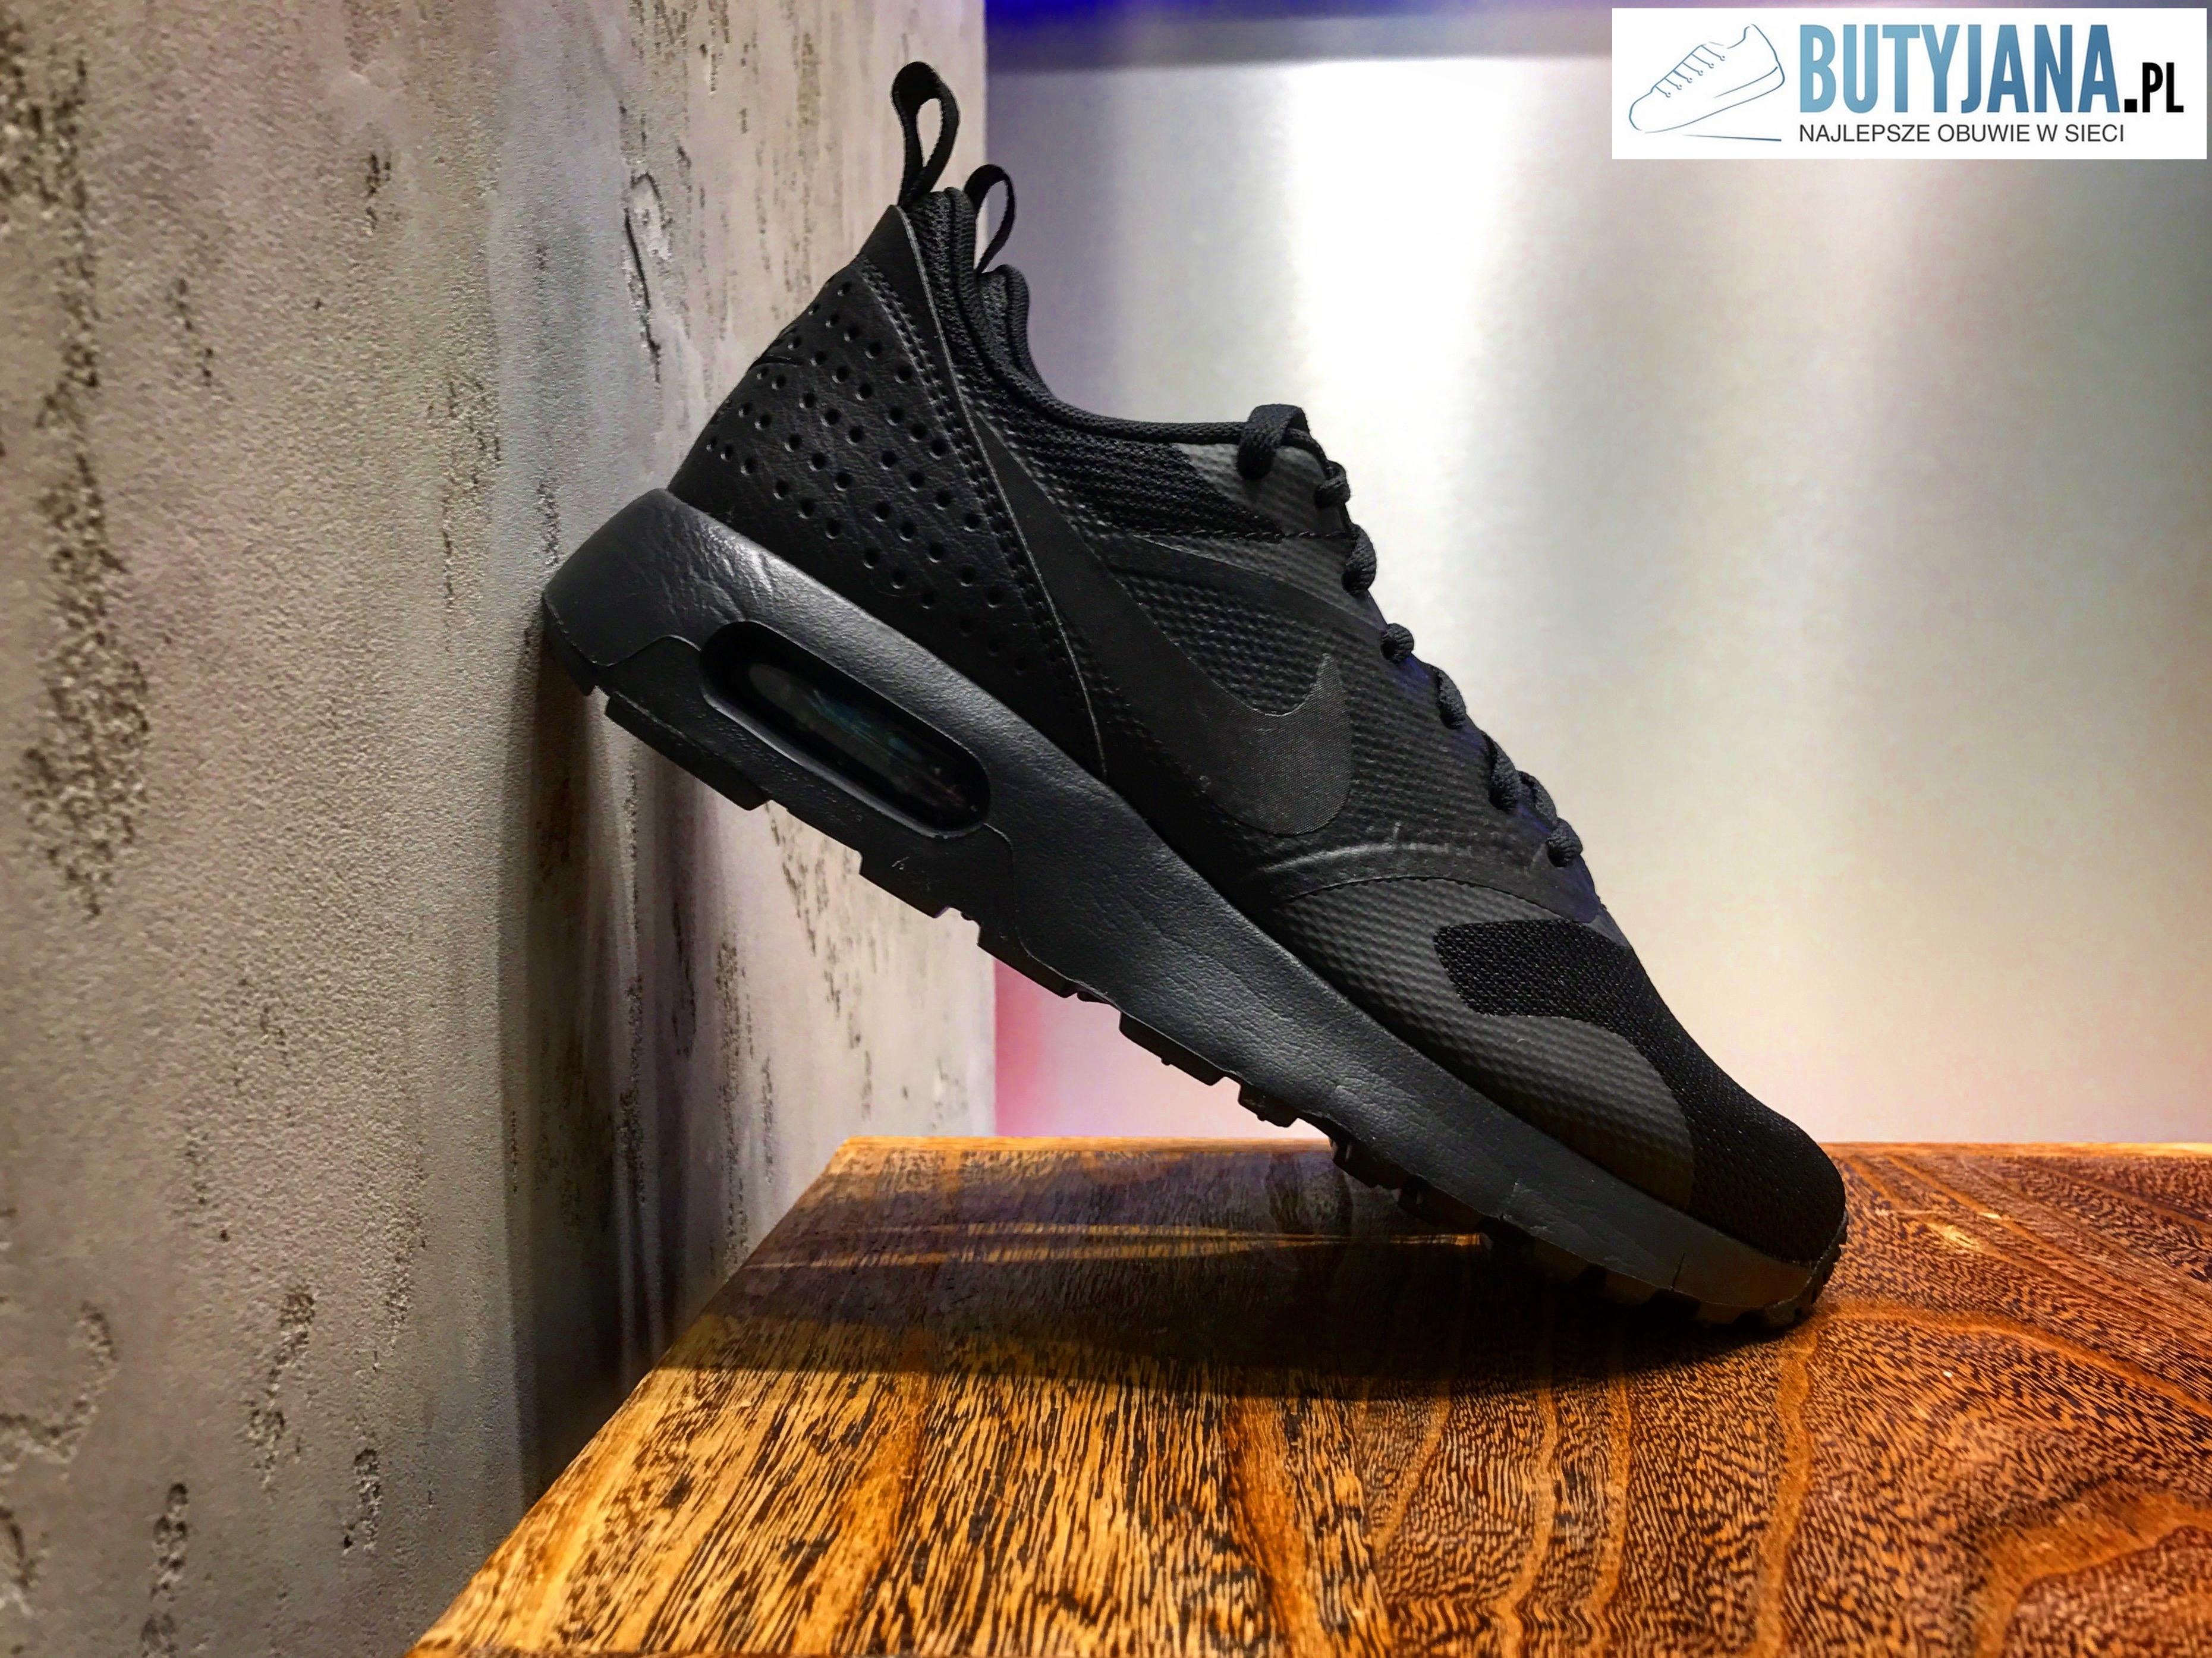 Wyprzedaż Nike Air Max Tavas Butyjana.pl